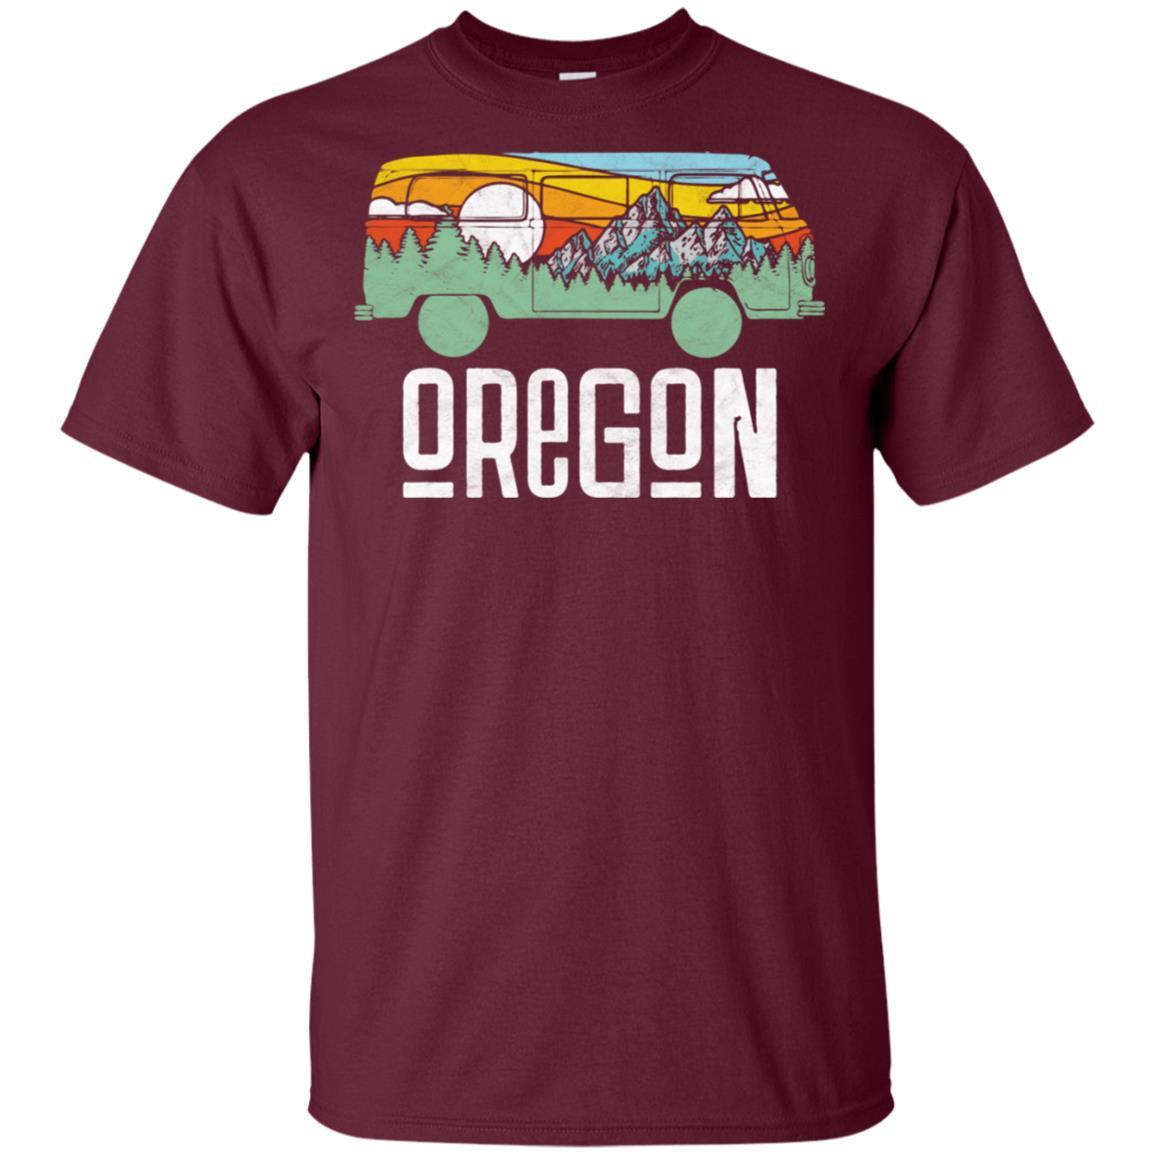 Retro Oregon Outdoor Hippie Van Nature Unisex Short Sleeve